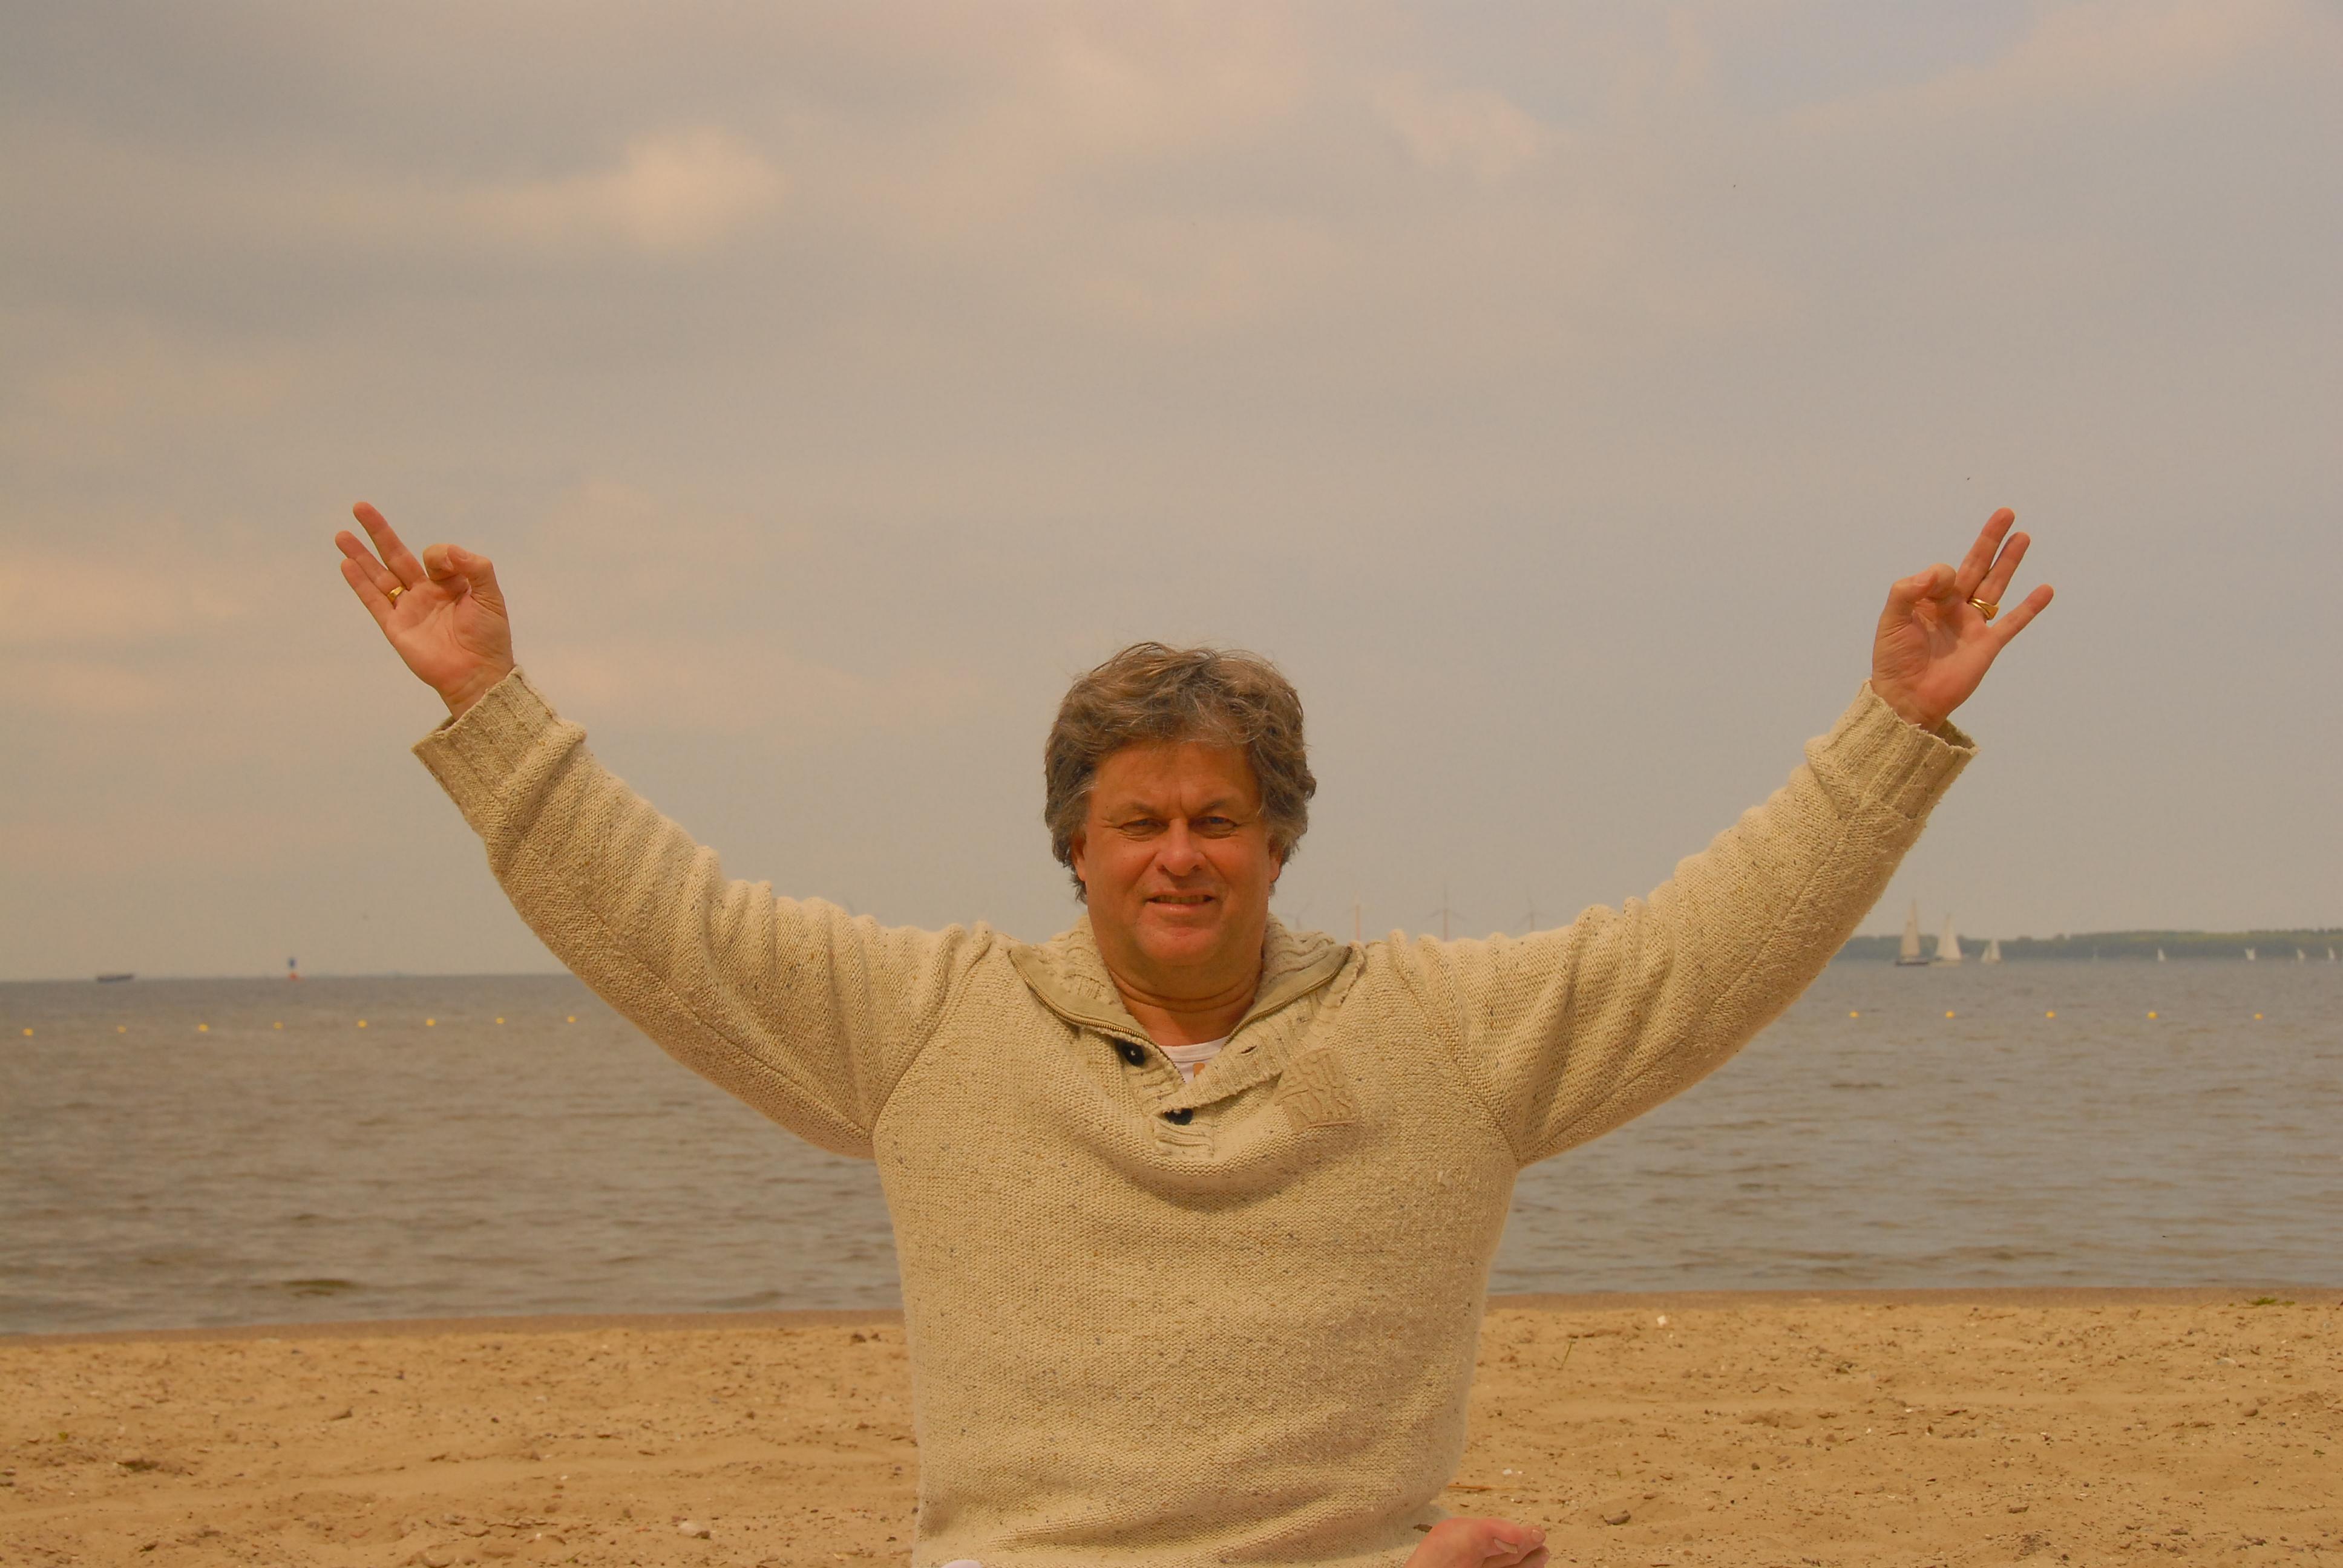 yogastudio Voorst staat open voor veel yogavormen